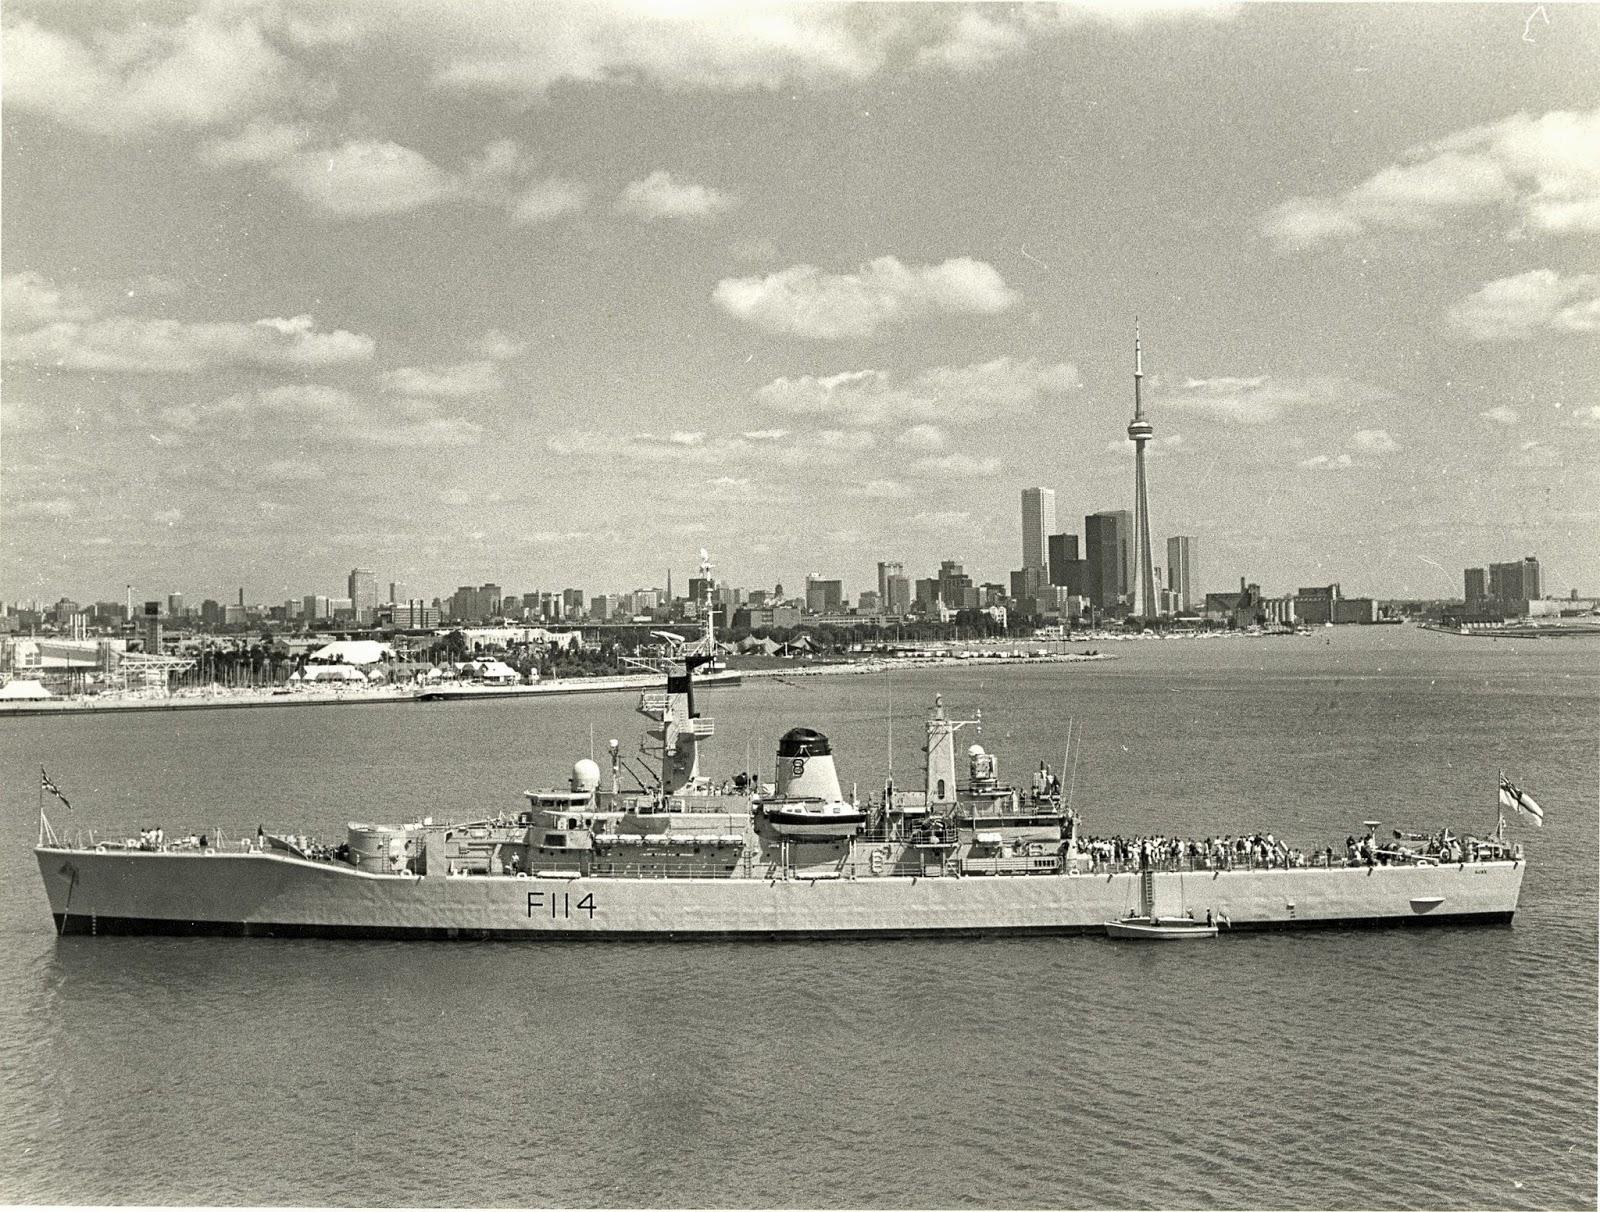 HMS Ajax at Crete: The Ships Named Ajax & Their Battle Honours